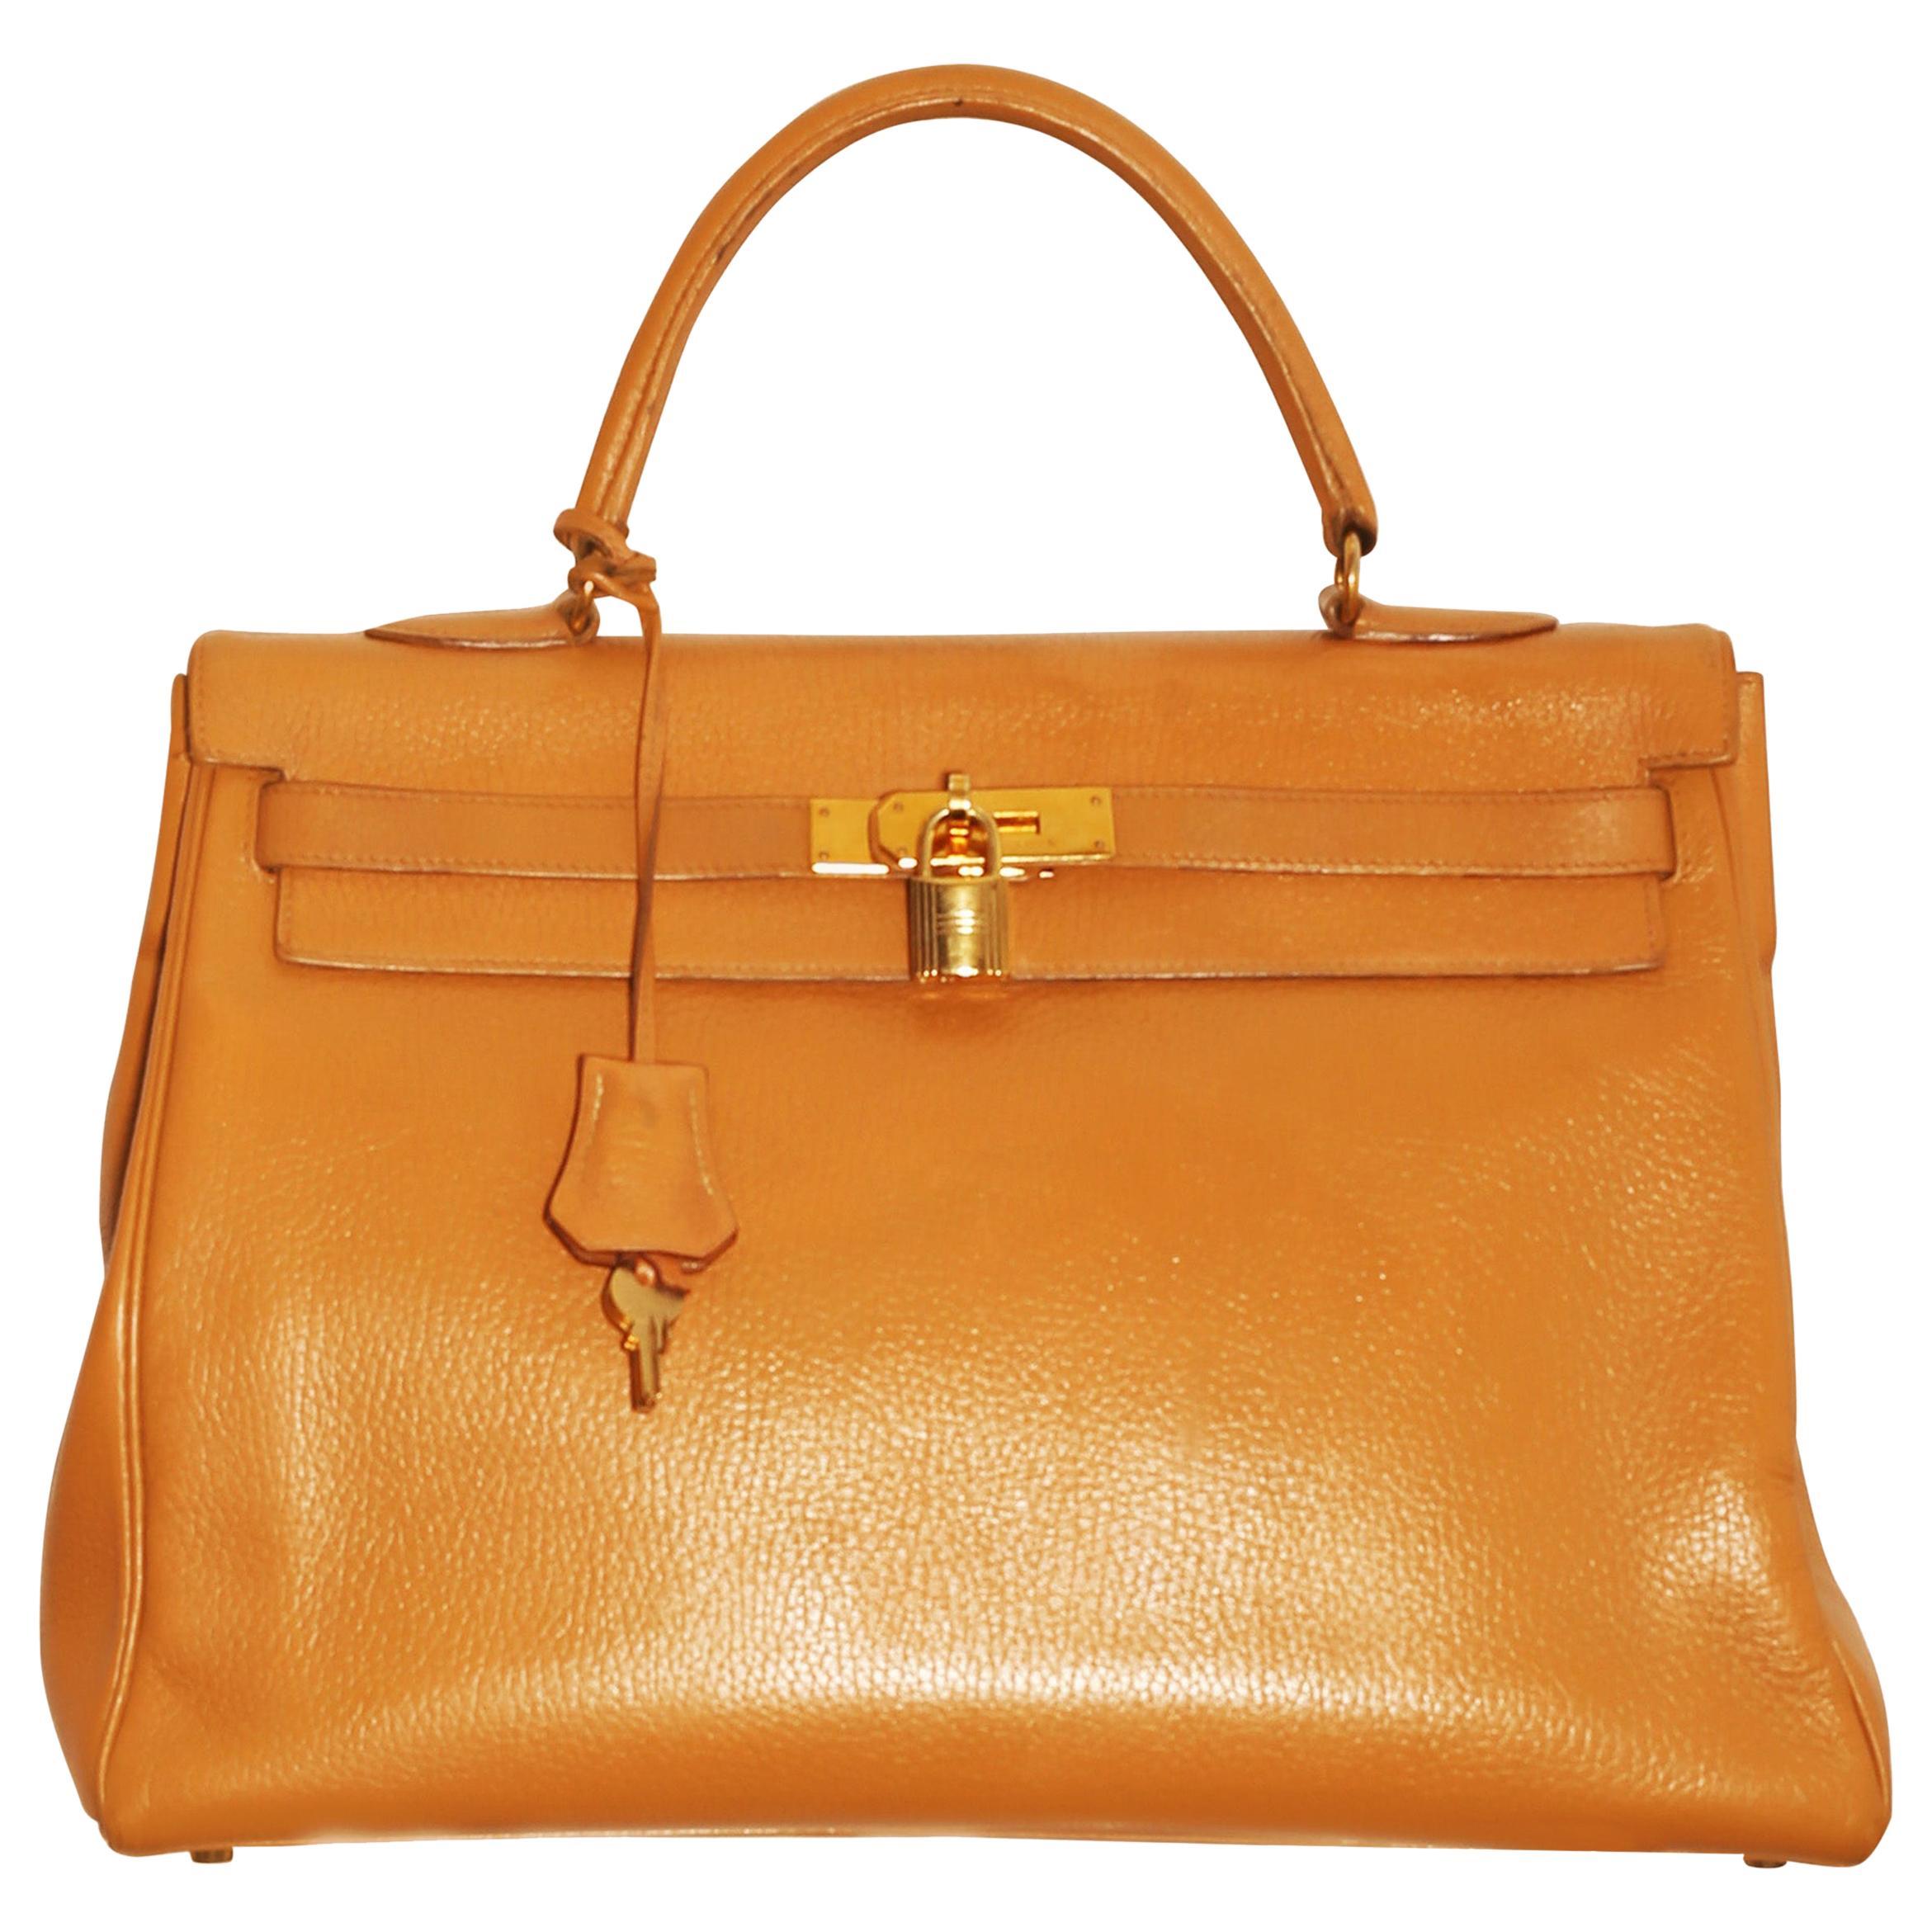 Vintage  Hermès Kelly 32  Handbag with Gold Hardware 1998